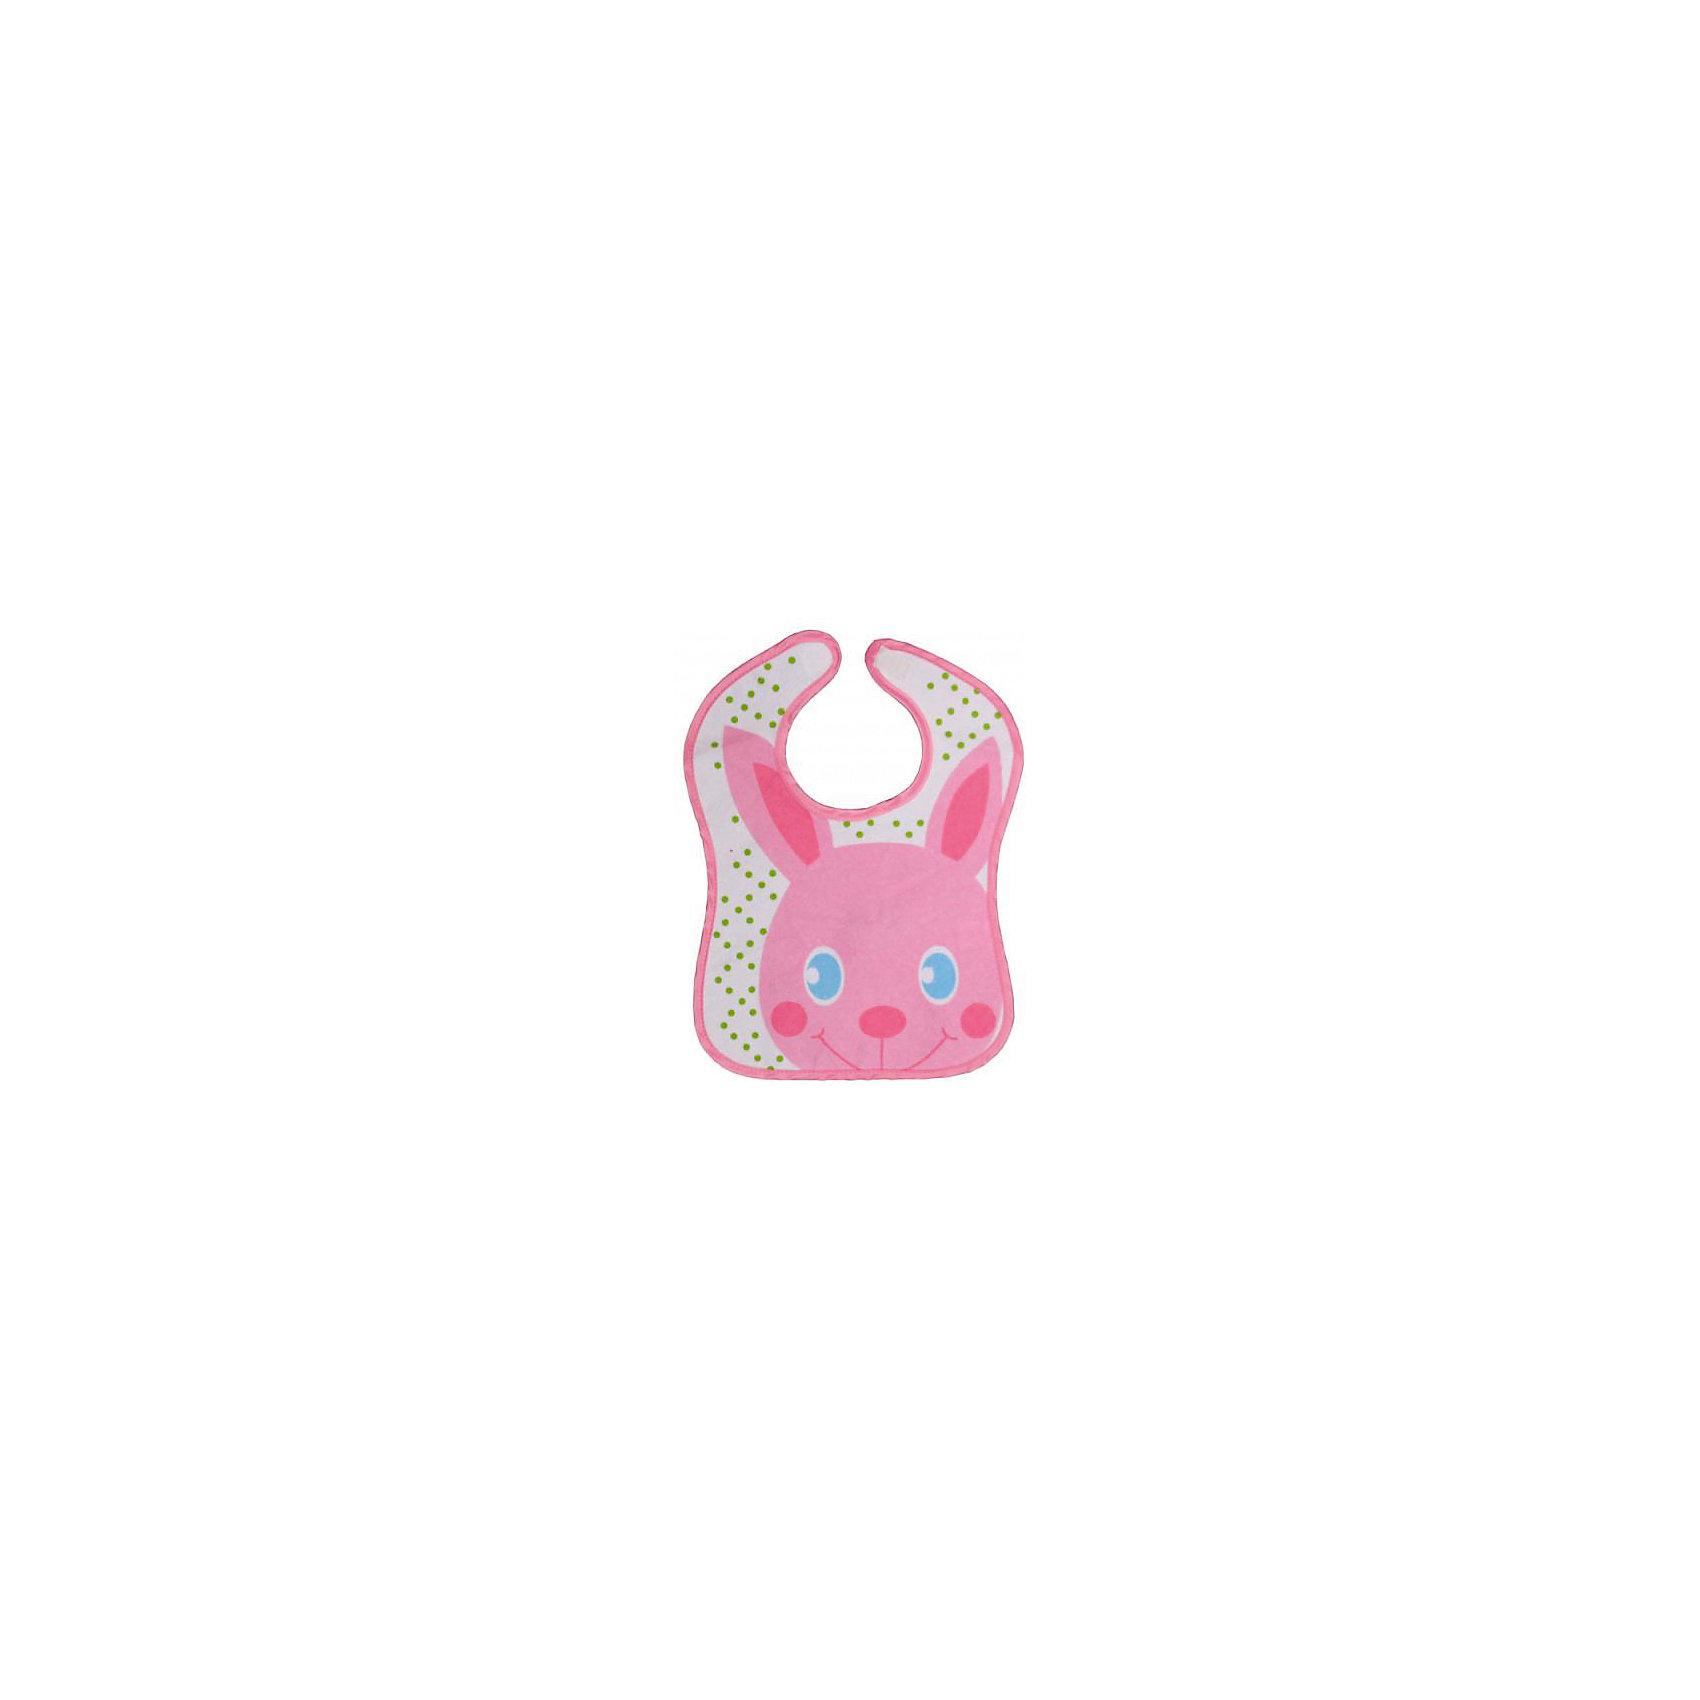 Нагрудник махровый Зайка Sevi baby, розовыйНагрудники и салфетки<br>Нагрудник махровый Зайка Sevi baby, розовый – это нагрудник с мягким непромокаемым слоем с внутренней стороны и с застежкой-липучкой.<br>Нагрудник Sevi Baby с красочным изображением розового зайчика прекрасно подойдет для кормления ребенка. Нагрудник выполнен из натуральной экологически чистой махровой ткани, которая отлично впитывает влагу и отличается гипоаллергенными свойствами. Обратная сторона нагрудника изготовлена из полиуретана, она не промокает, поэтому одежда малыша останется сухой, даже если он что-то пролил на себя. Нагрудник оснащен застежкой-липучкой. Sevi Baby - это одежда для самых маленьких, созданная с пониманием и заботой о комфорте и здоровье ребенка! Одежда Sevi Baby соответствует Международному стандарту Eko-Tex-Standard 100, группа 1 - Ткань, достойная доверия.<br><br>Дополнительная информация:<br><br>- Возраст: от 3 месяцев до 1 года<br>- Материал: хлопок, полиэстер, полиуретан<br>- Размер: 30 х 24 см.<br><br>Нагрудник махровый Зайка Sevi baby, розовый можно купить в нашем интернет-магазине.<br><br>Ширина мм: 360<br>Глубина мм: 240<br>Высота мм: 50<br>Вес г: 50<br>Цвет: розовый<br>Возраст от месяцев: 3<br>Возраст до месяцев: 12<br>Пол: Женский<br>Возраст: Детский<br>SKU: 4236861